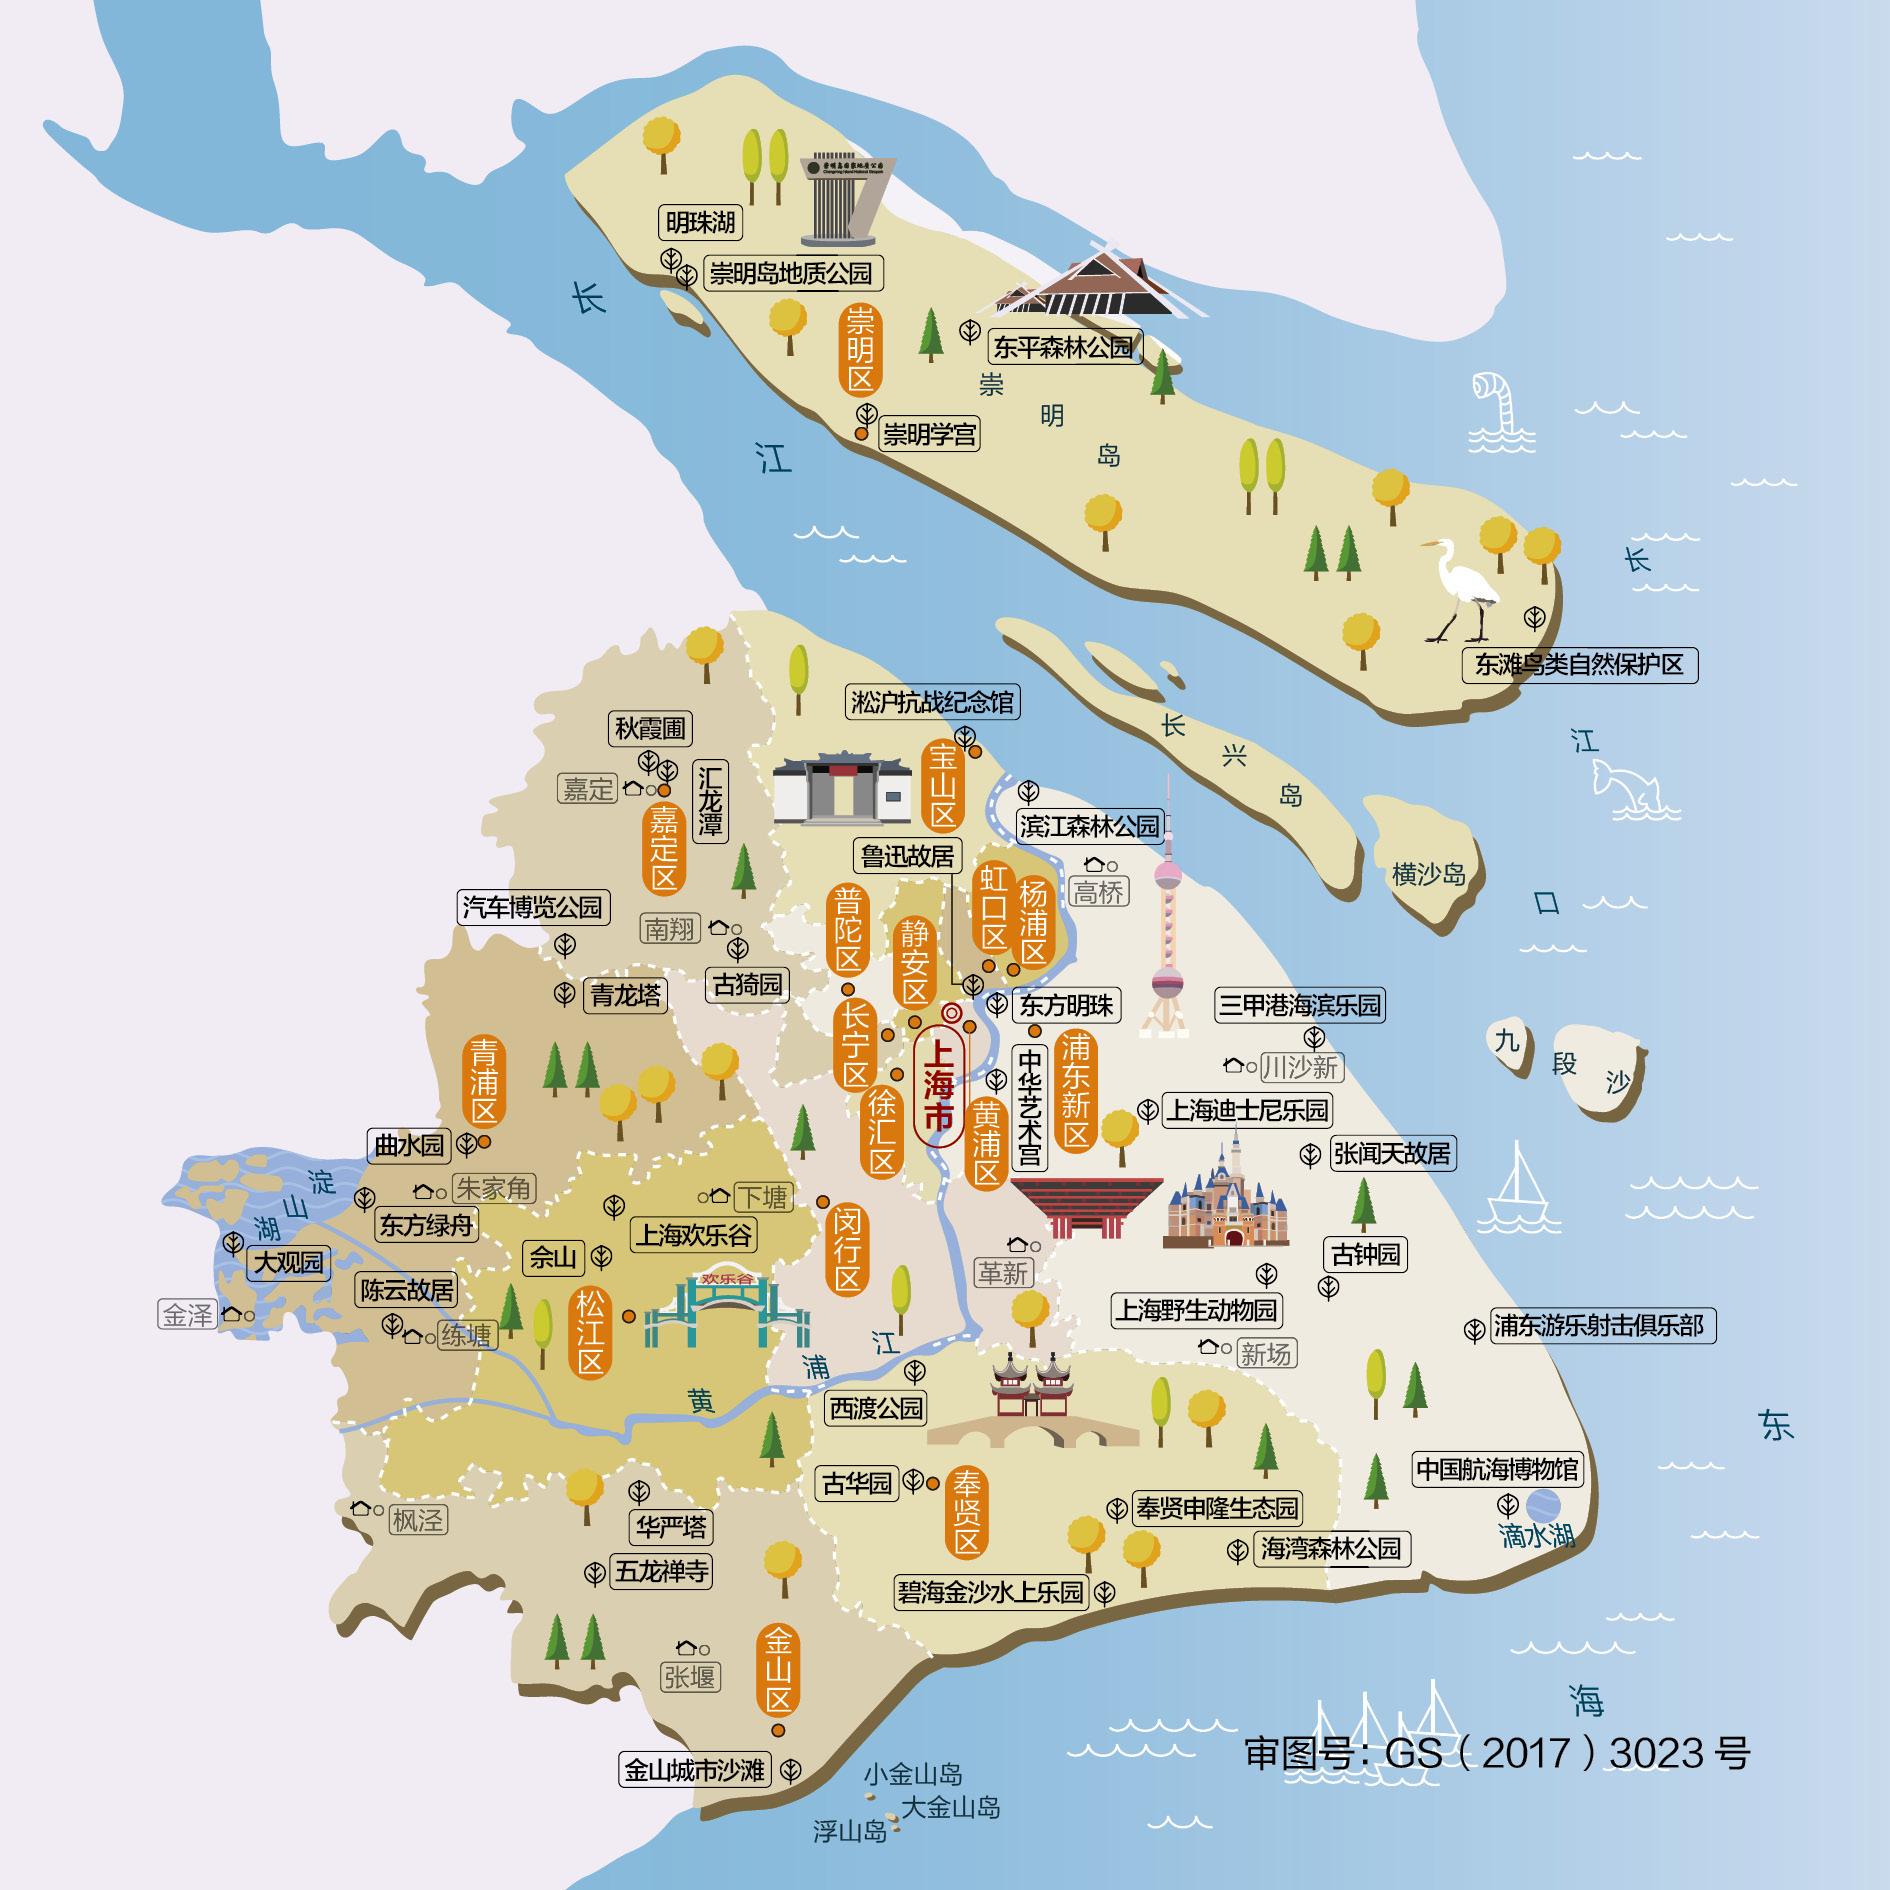 浙江旅游地图_上海市人文地图_上海地图库_地图窝